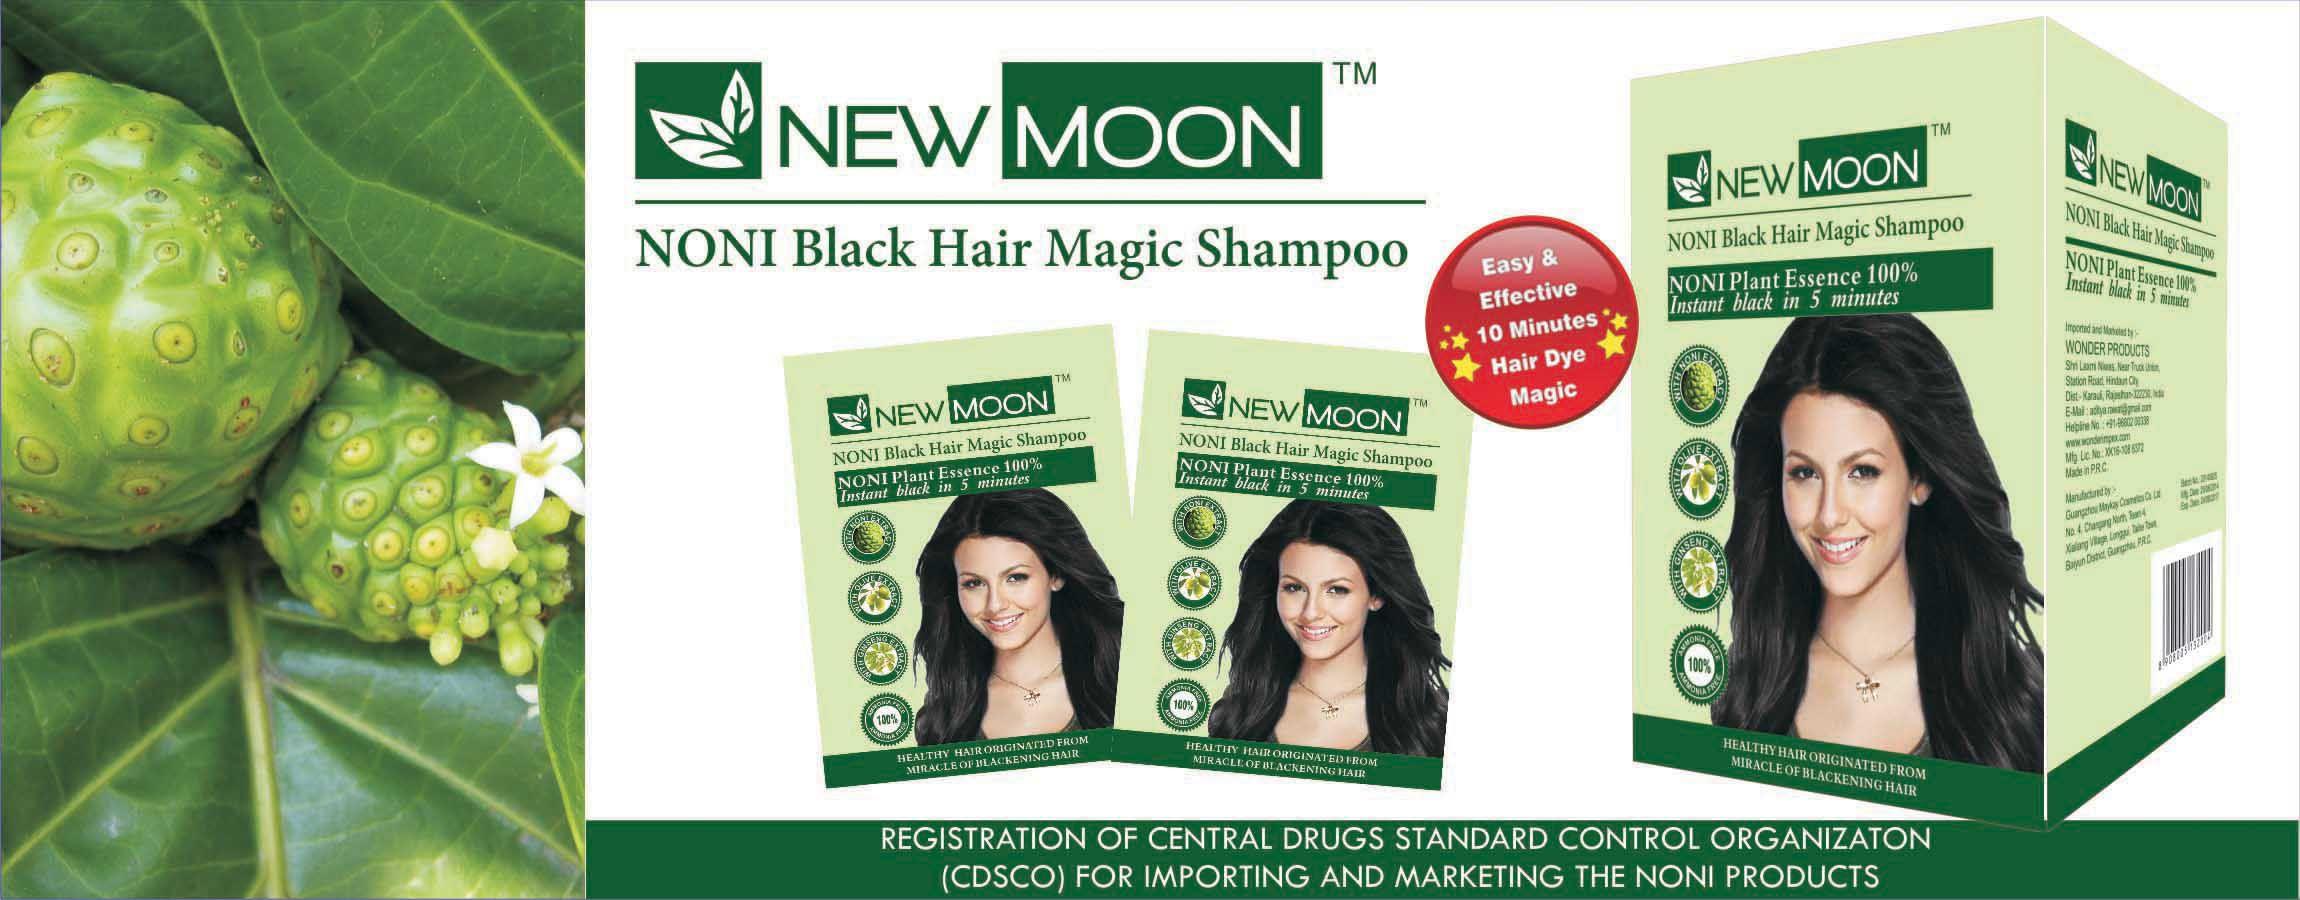 New Moon Henna Speedy Hair Color Shampoo Permanent Hair Color Black